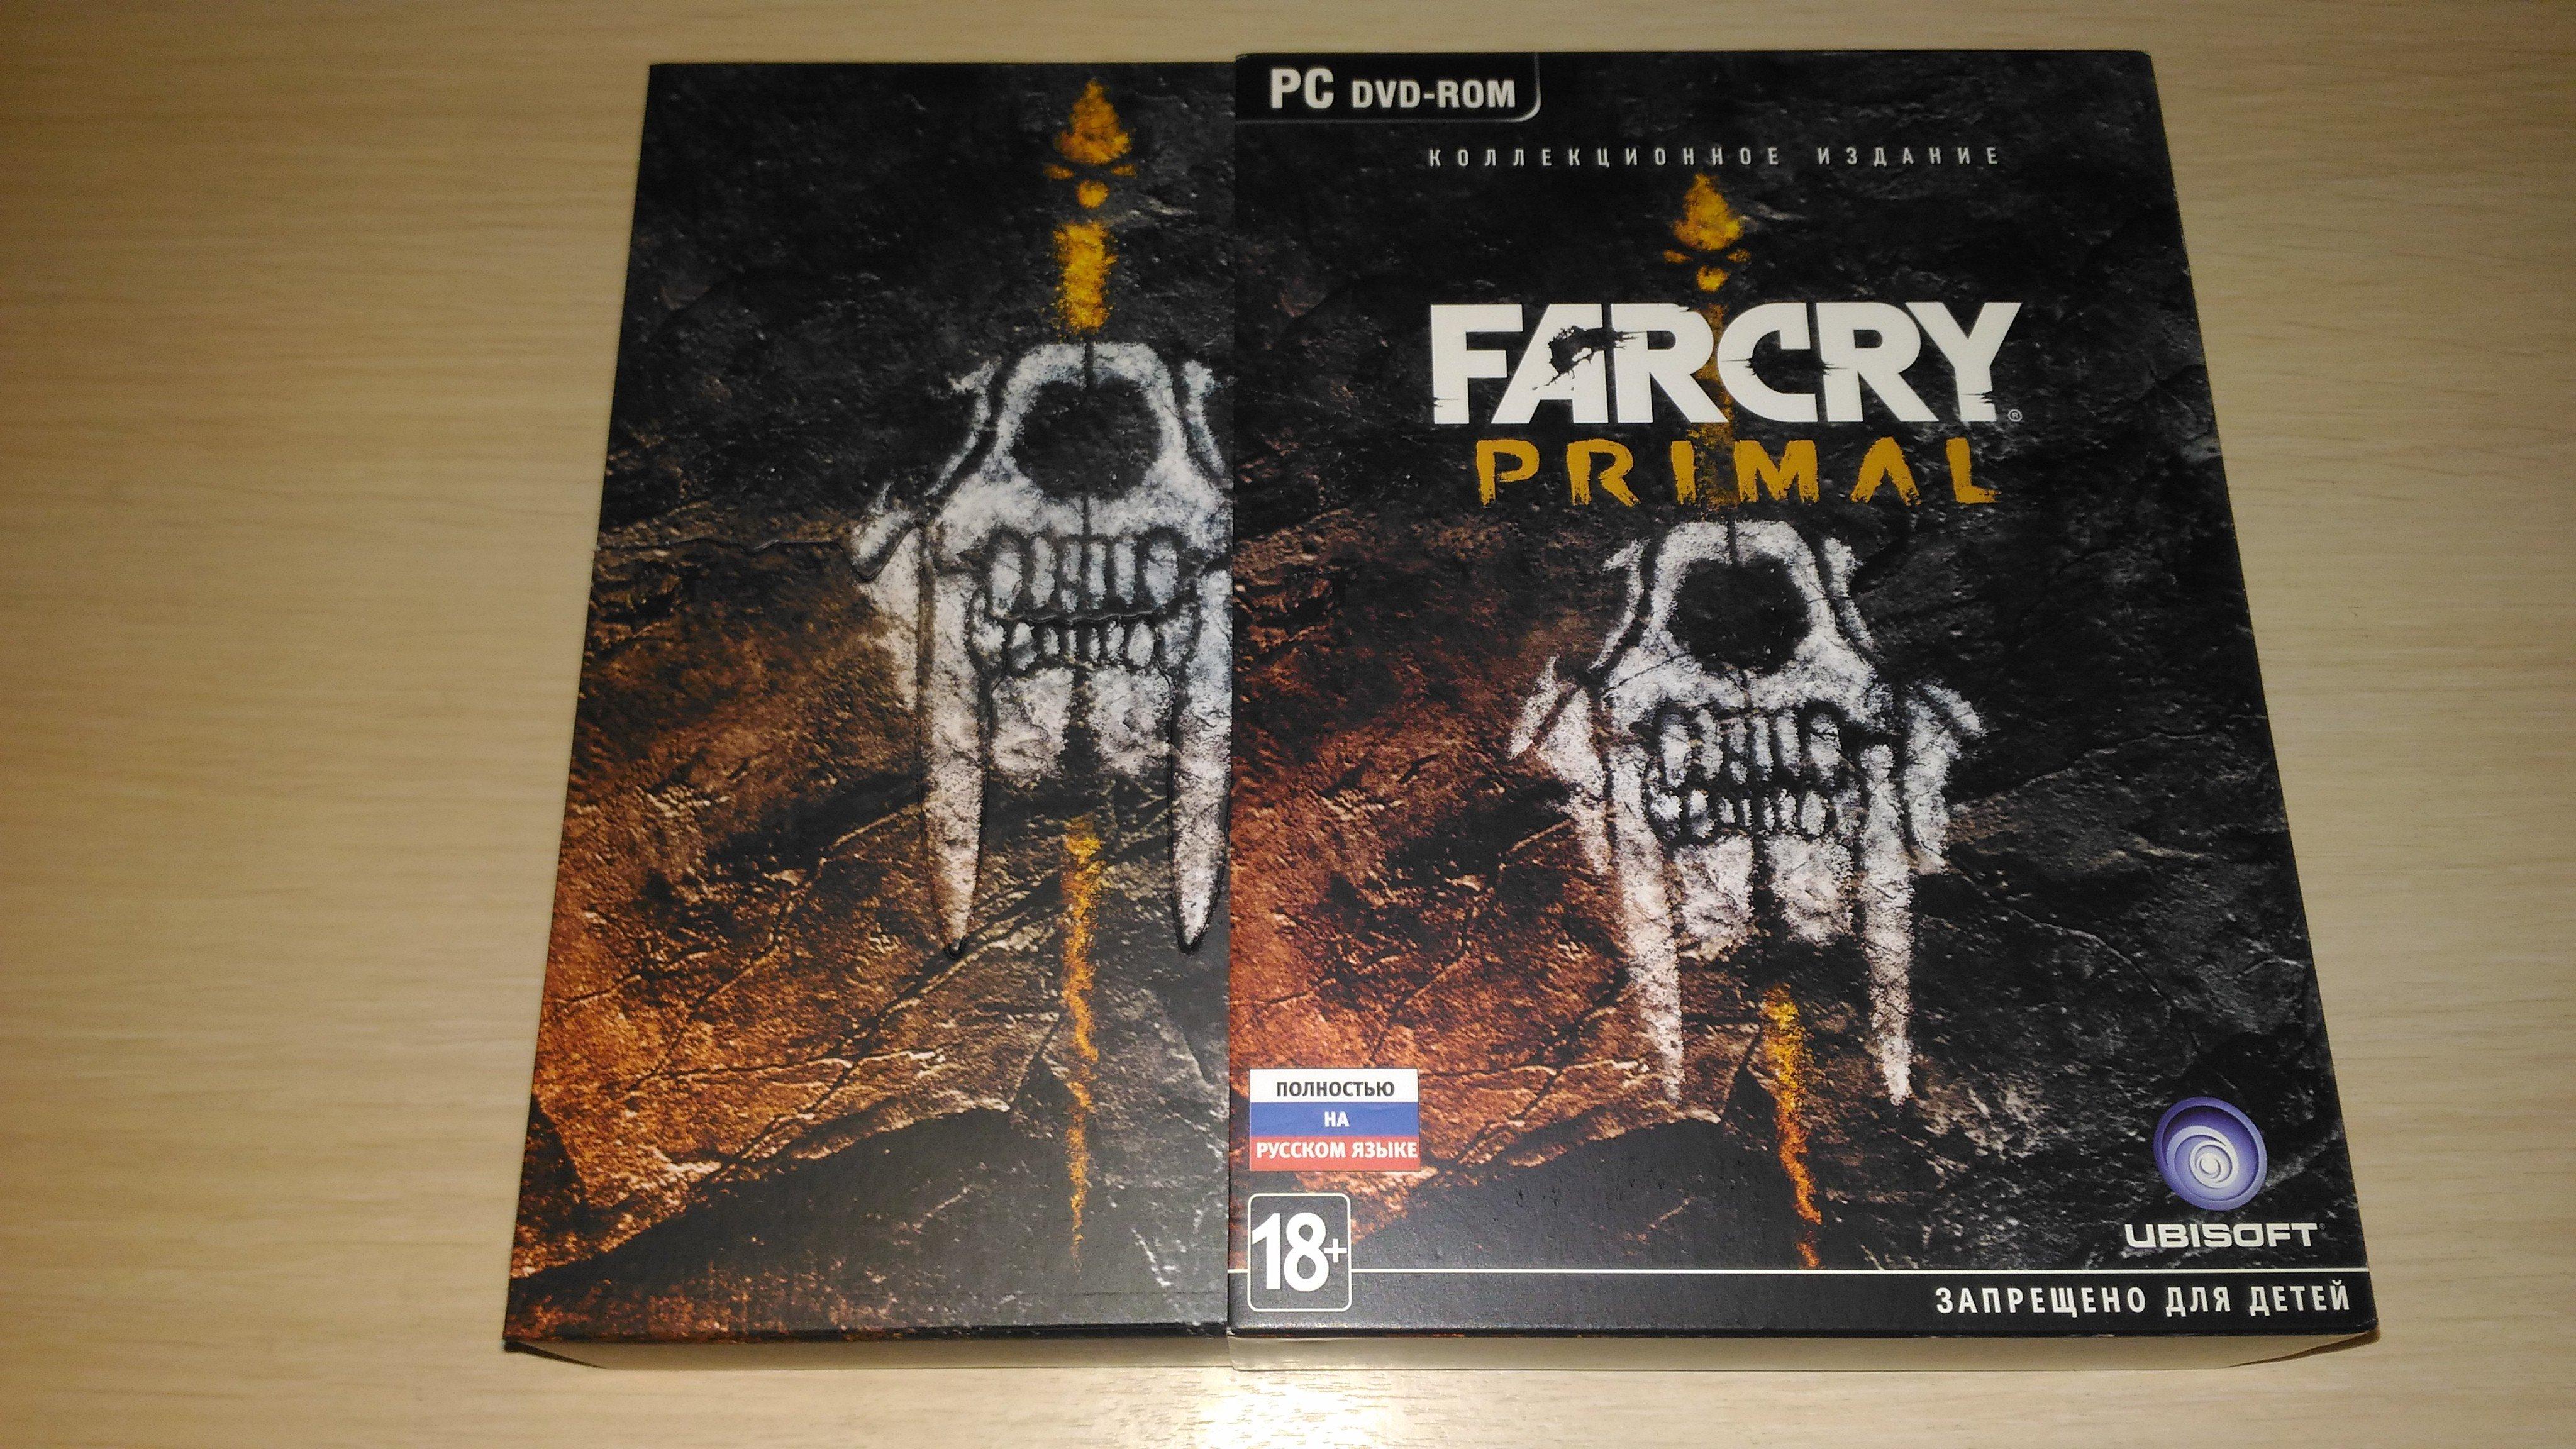 Мини-обзор коллекционного издания Far Cry: Primal PC. - Изображение 3